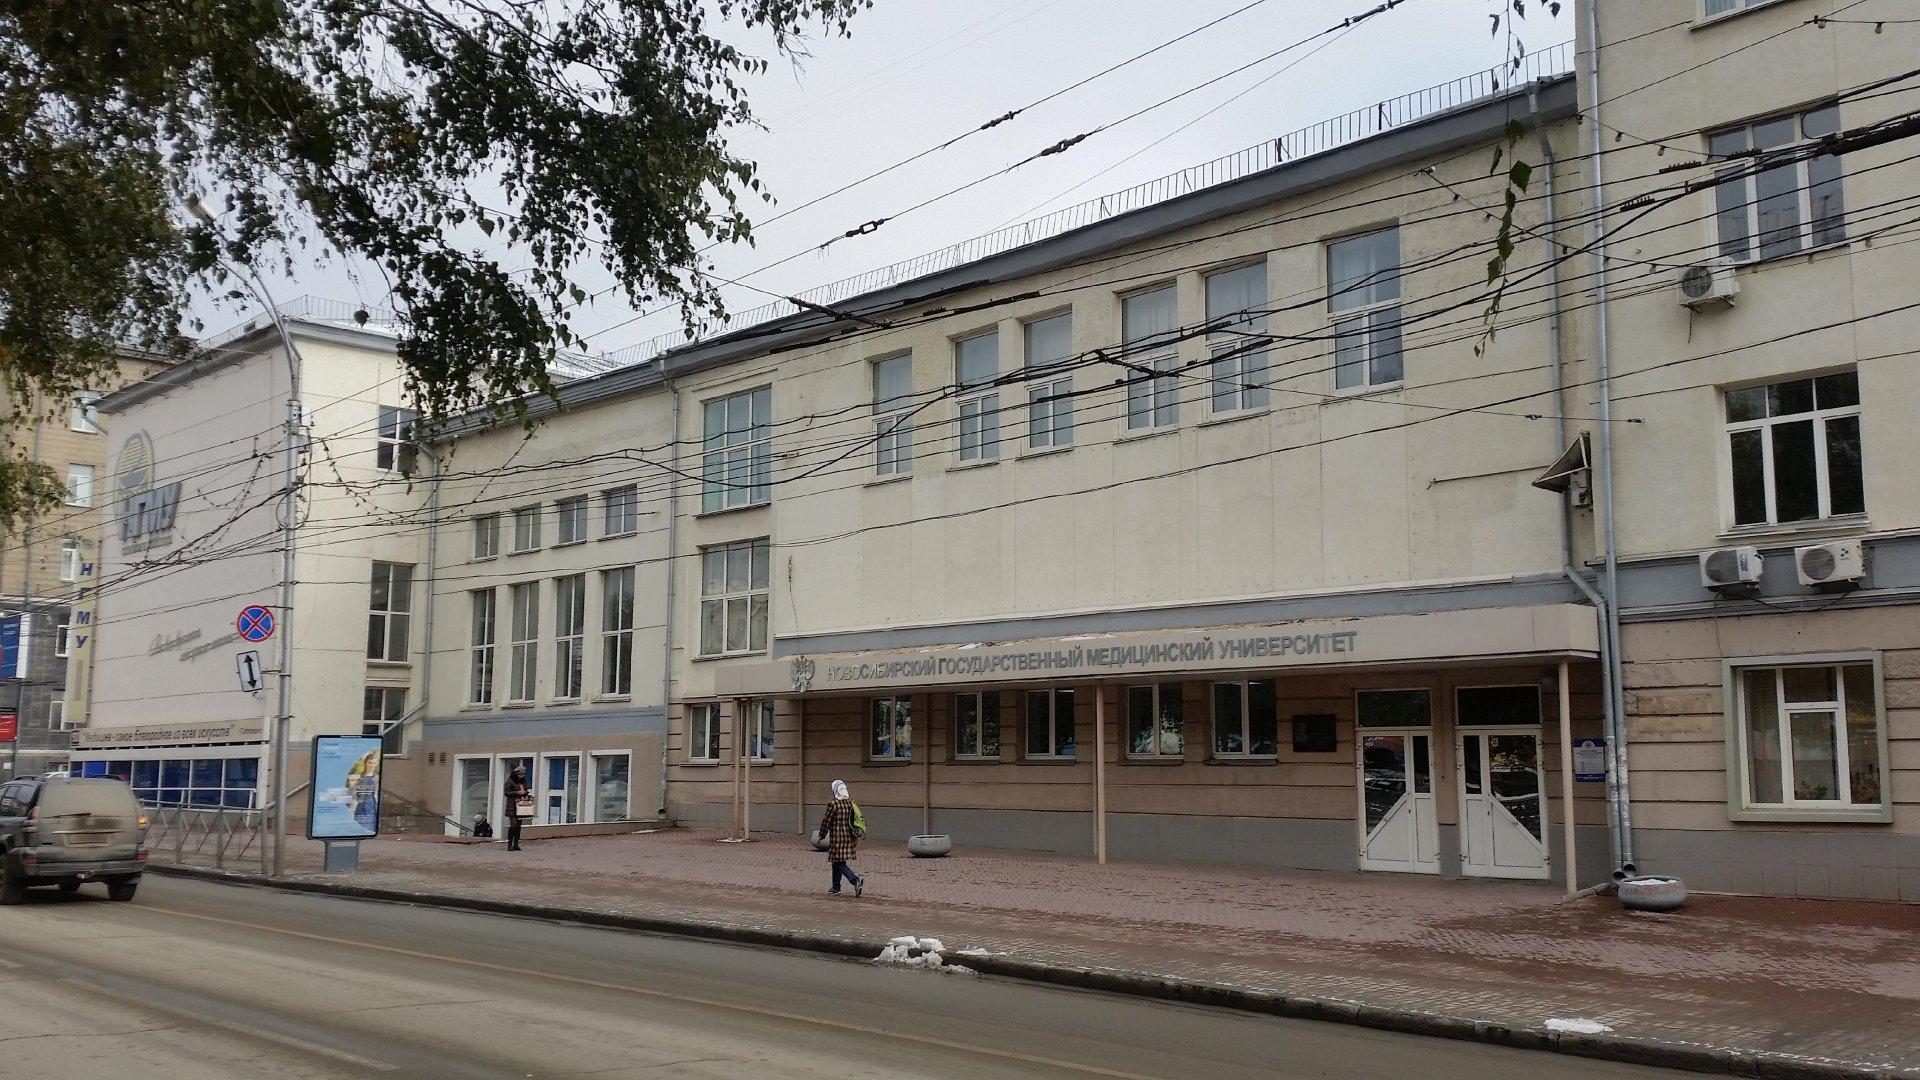 Вузы Новосибирска: список университетов с бюджетными местами